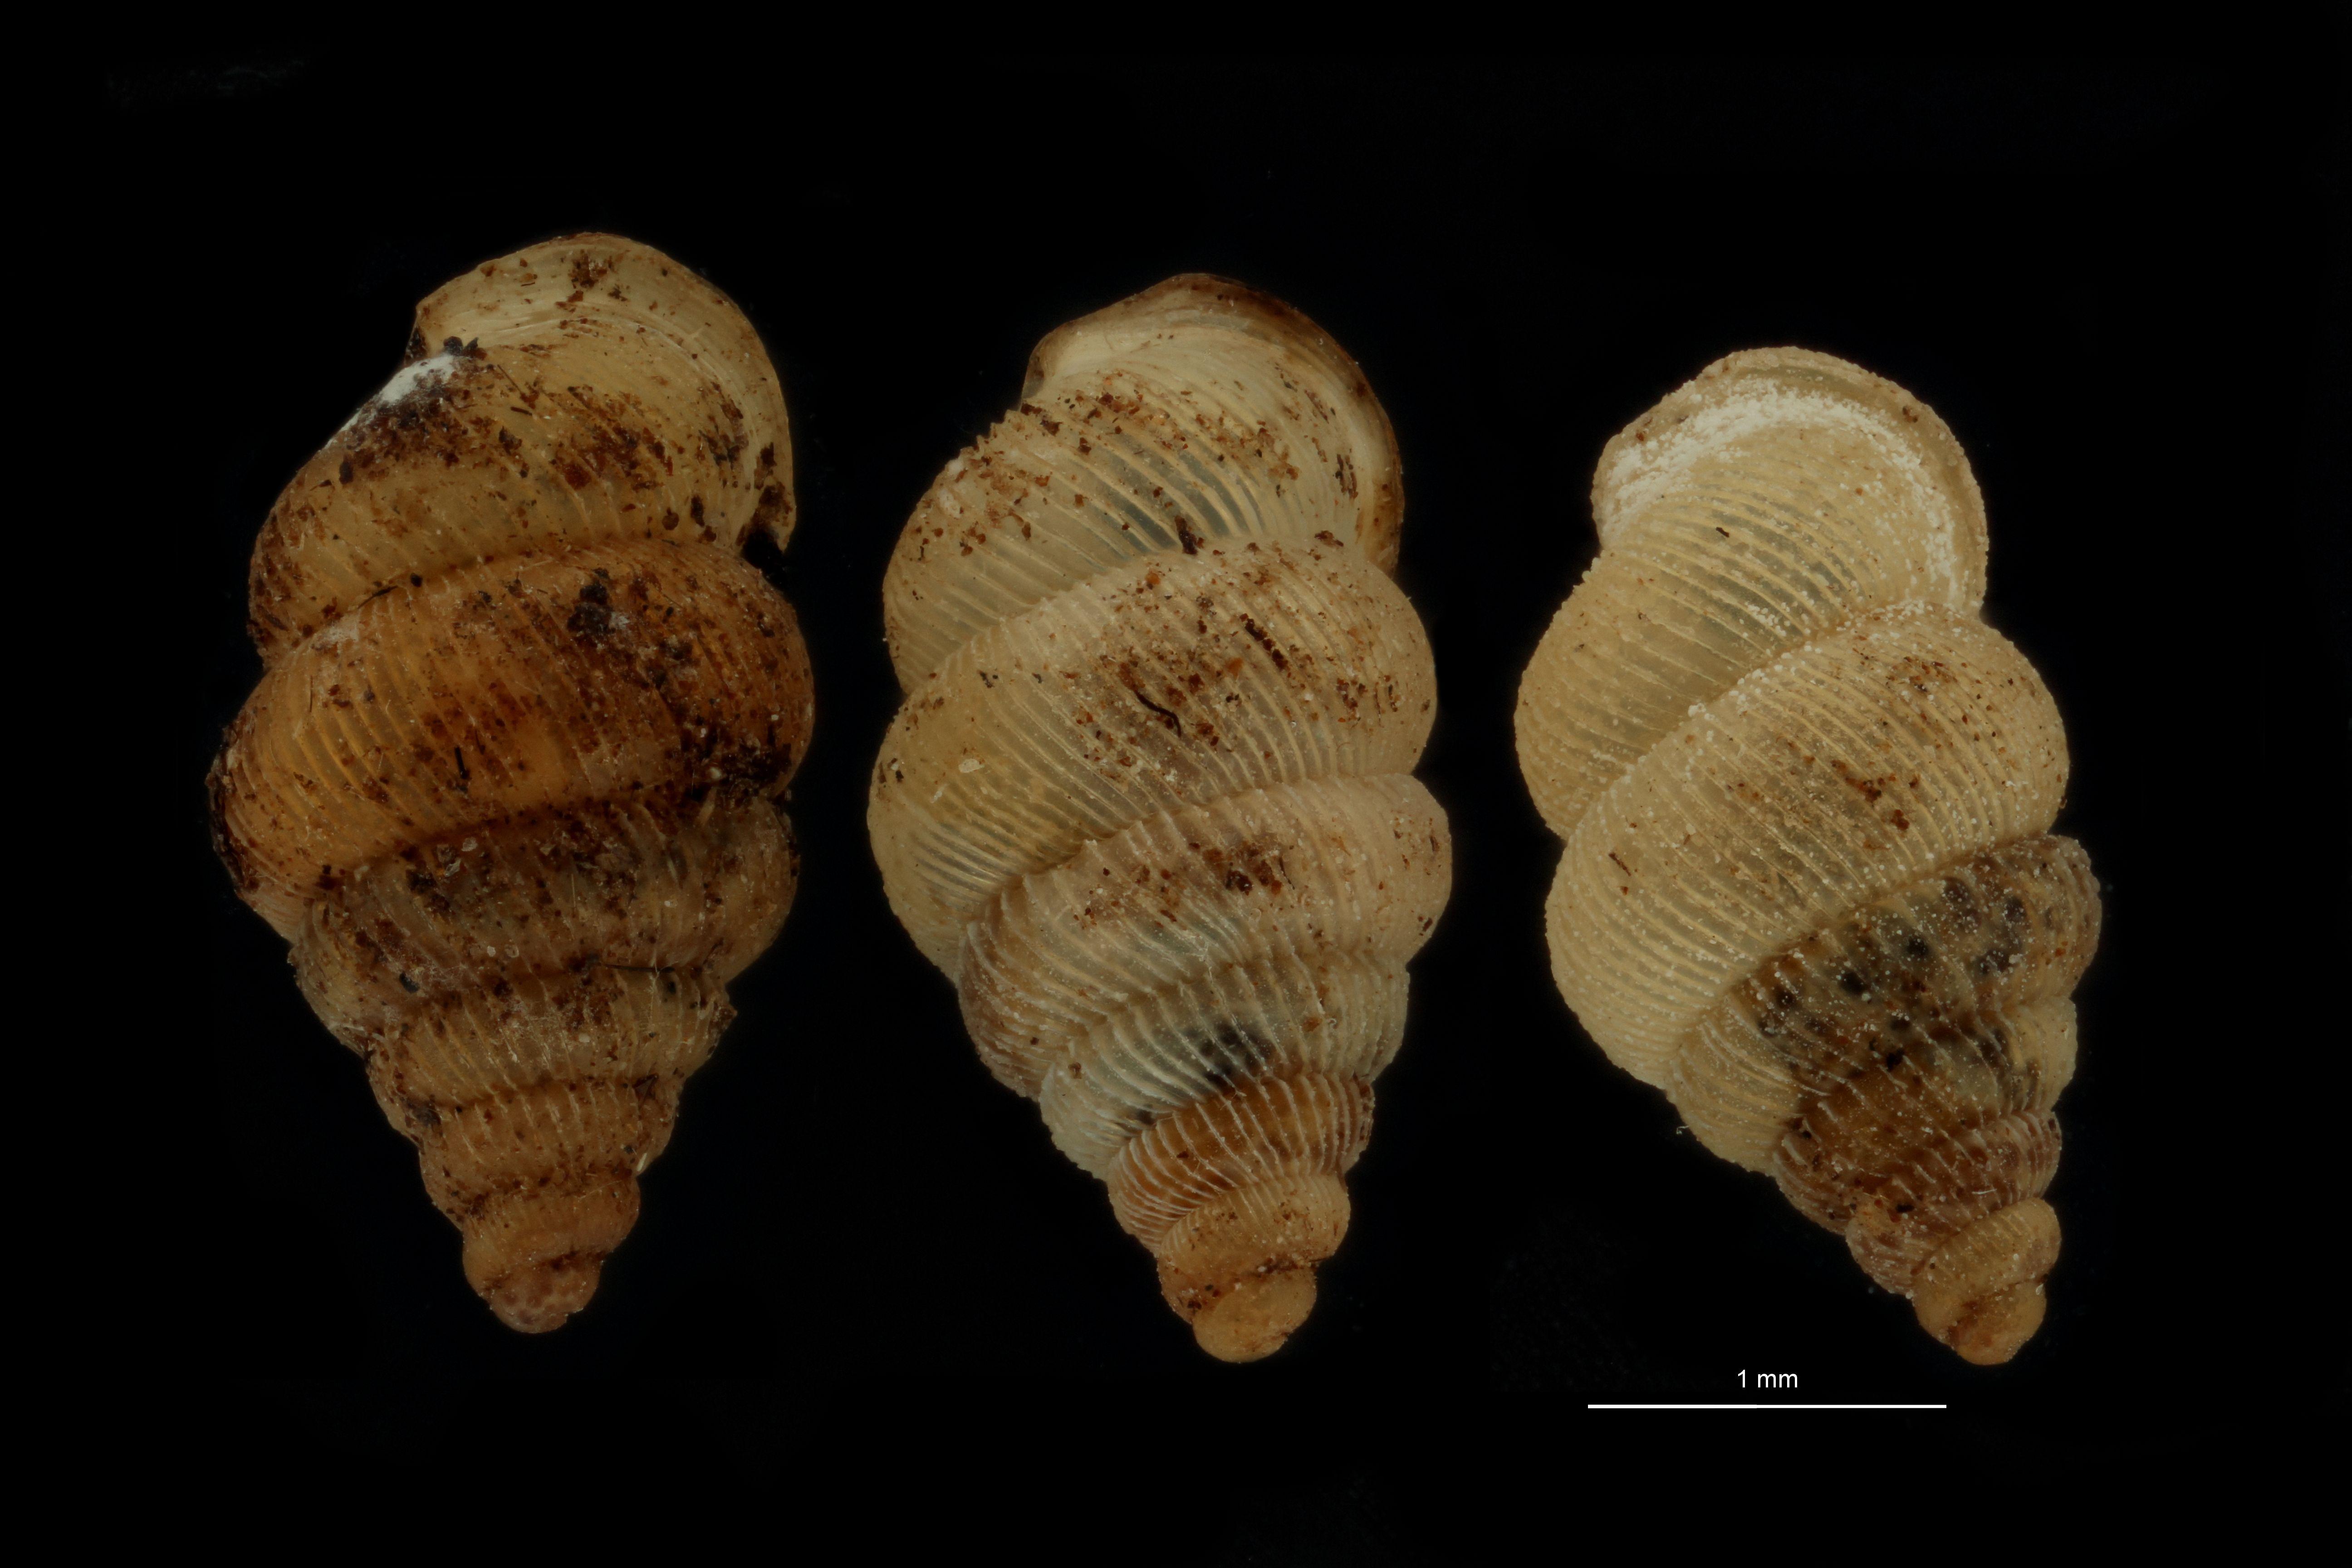 Diplommatina auriculata var biangulata pt GROUPE.jpg